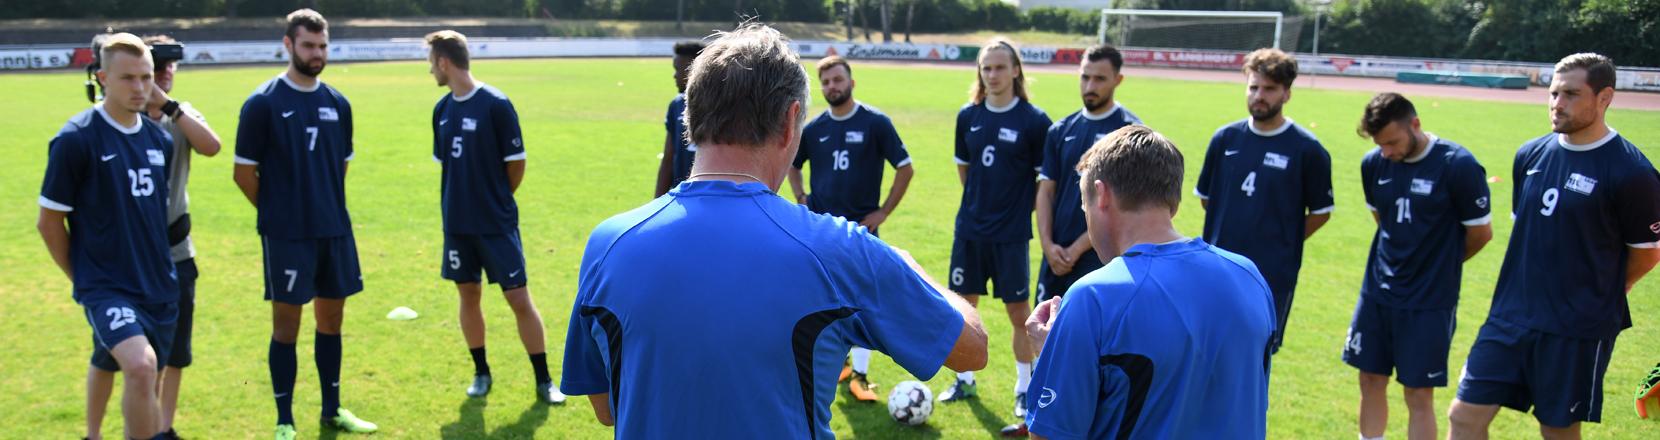 Trainingscamp für arbeitslose Fußballprofis